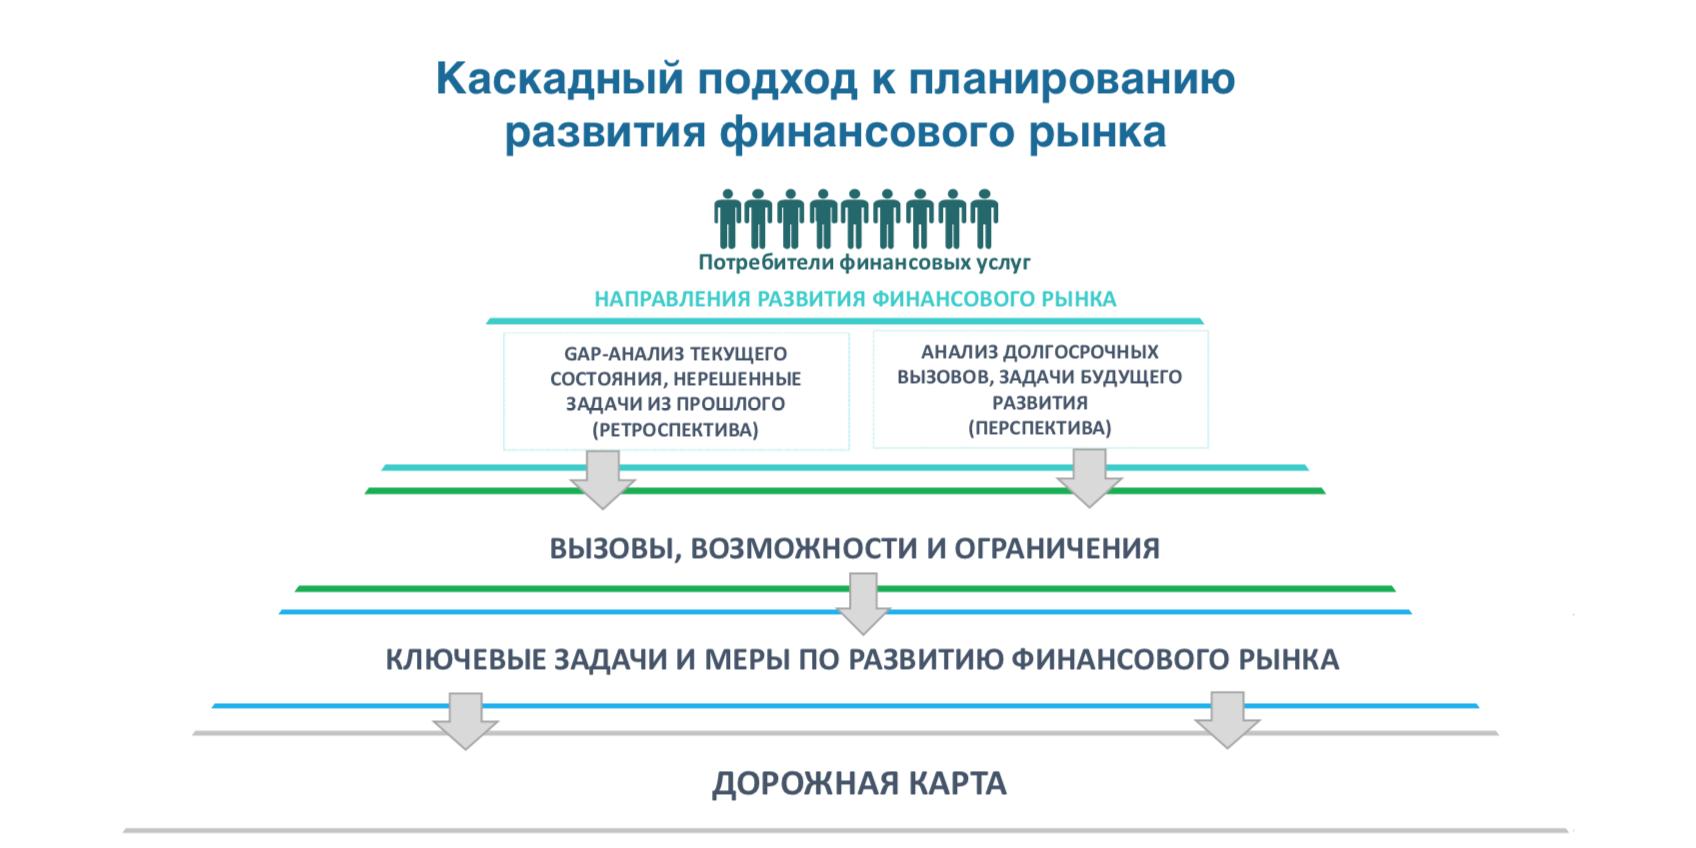 План развития финансового рынка России на 2019-2021 год ( ЦБ РФ )